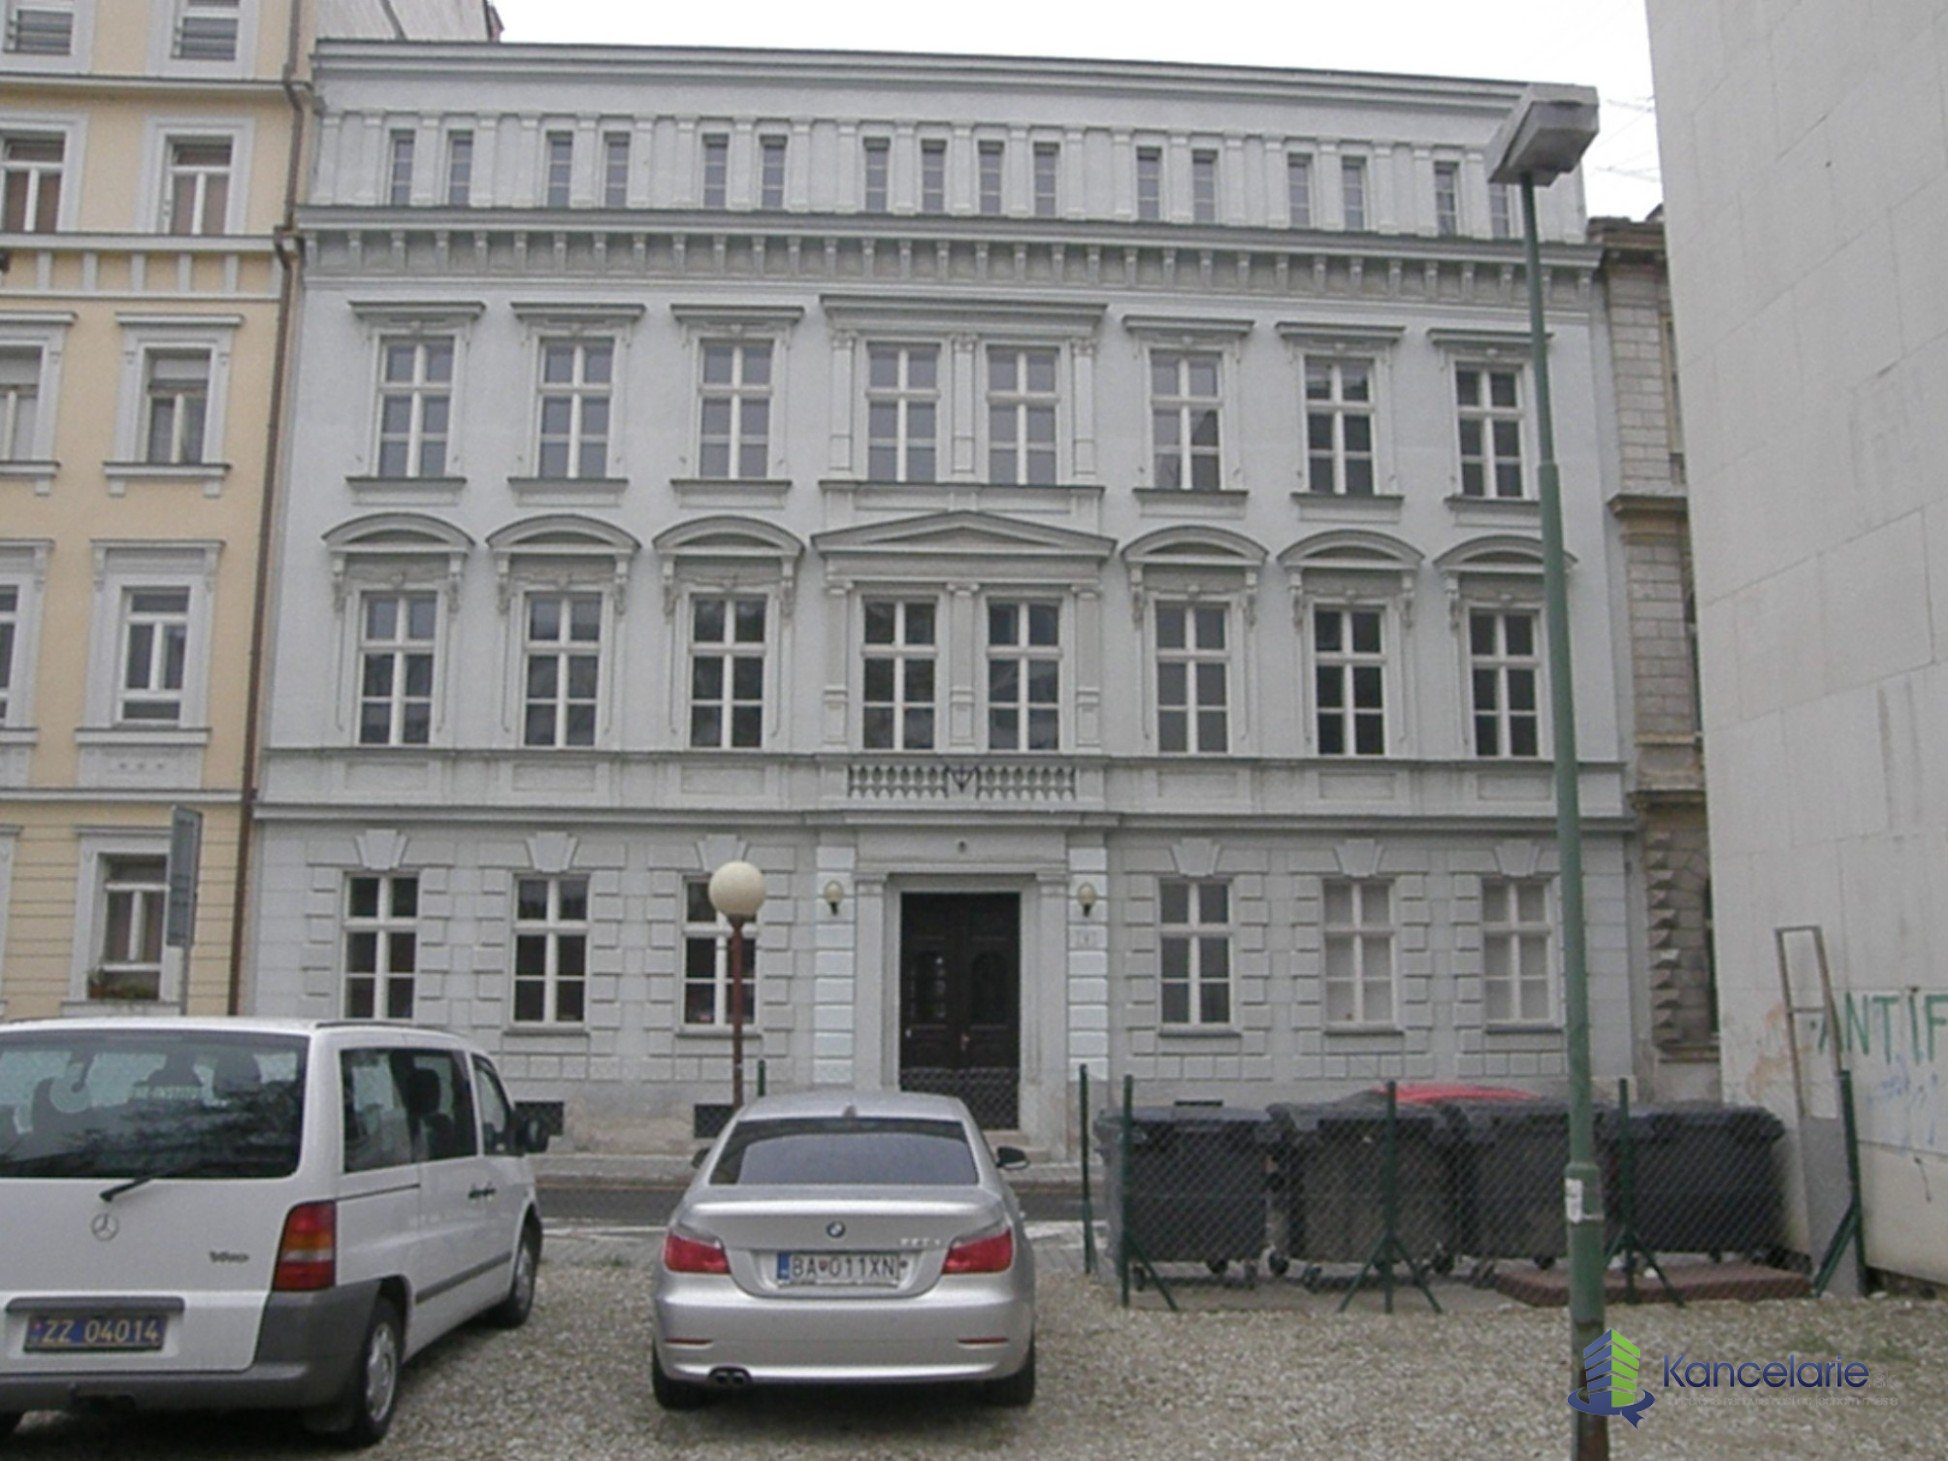 AB Konventná, Kancelárske priestory, Konventná 9, Bratislava